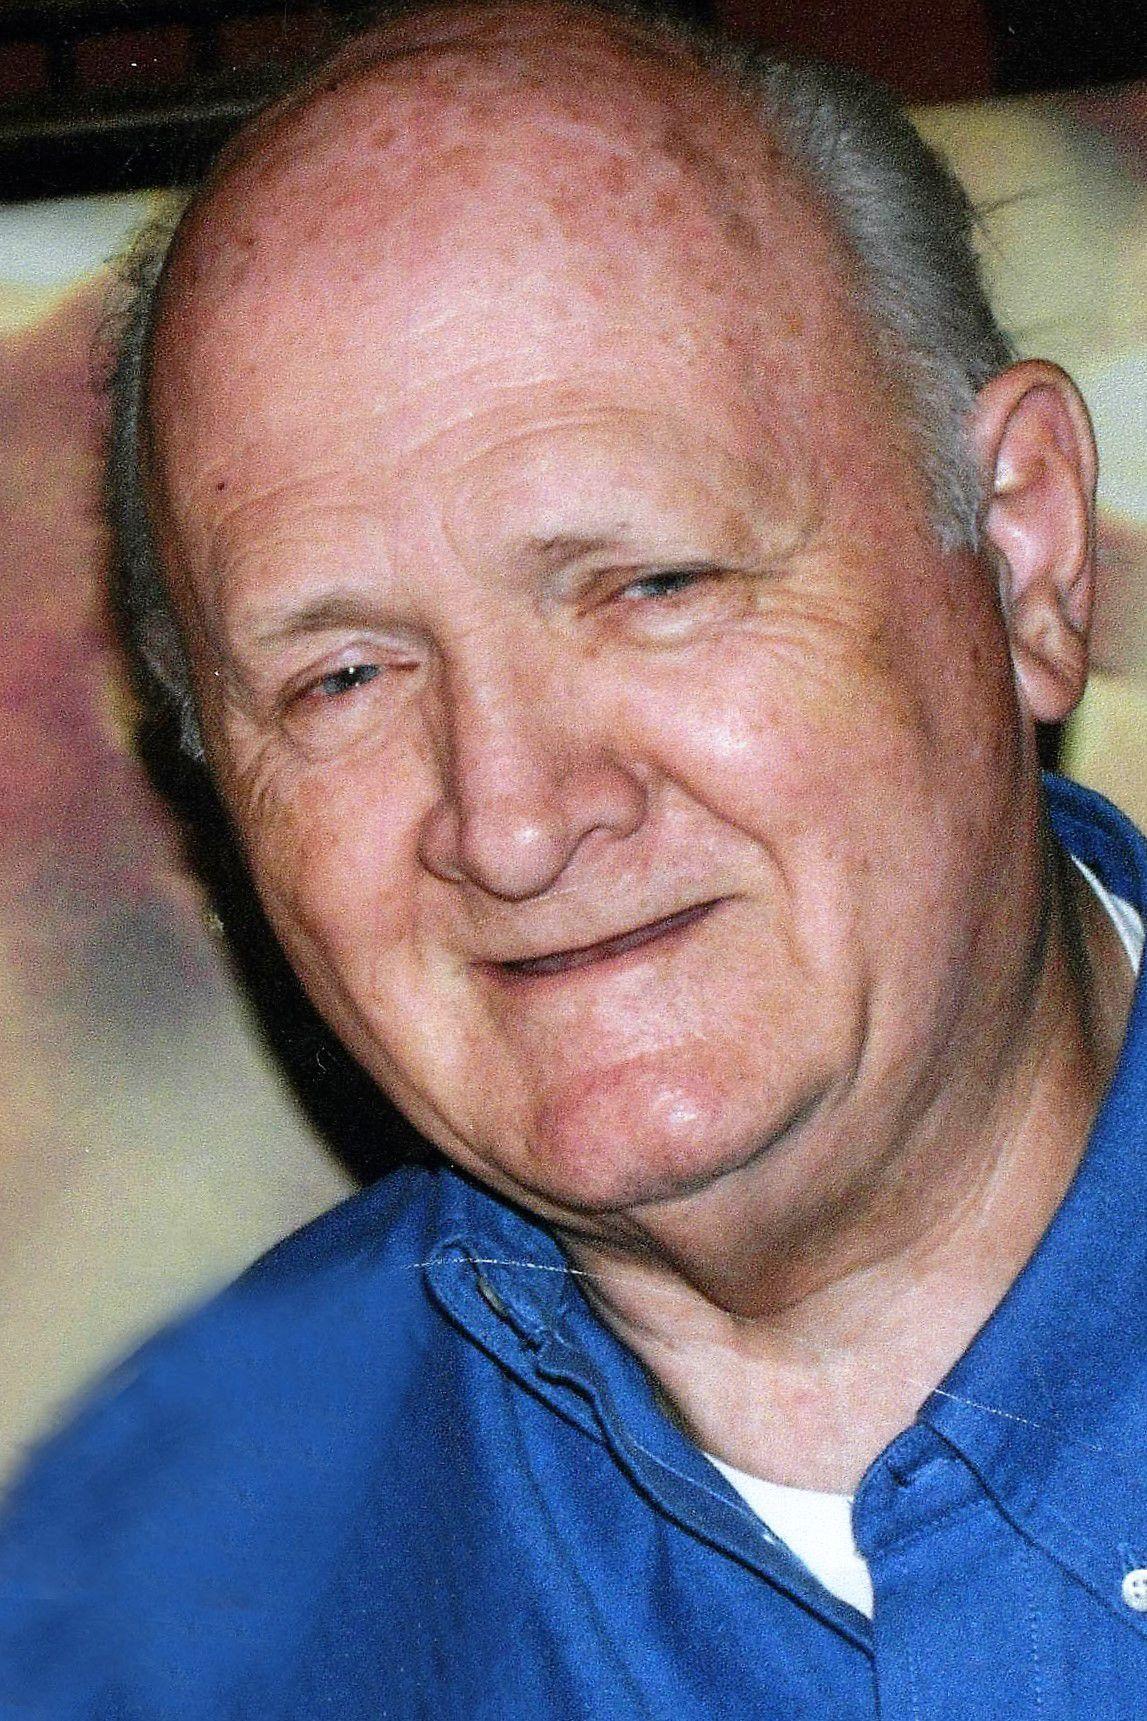 William 'Bill' Thomas Bush